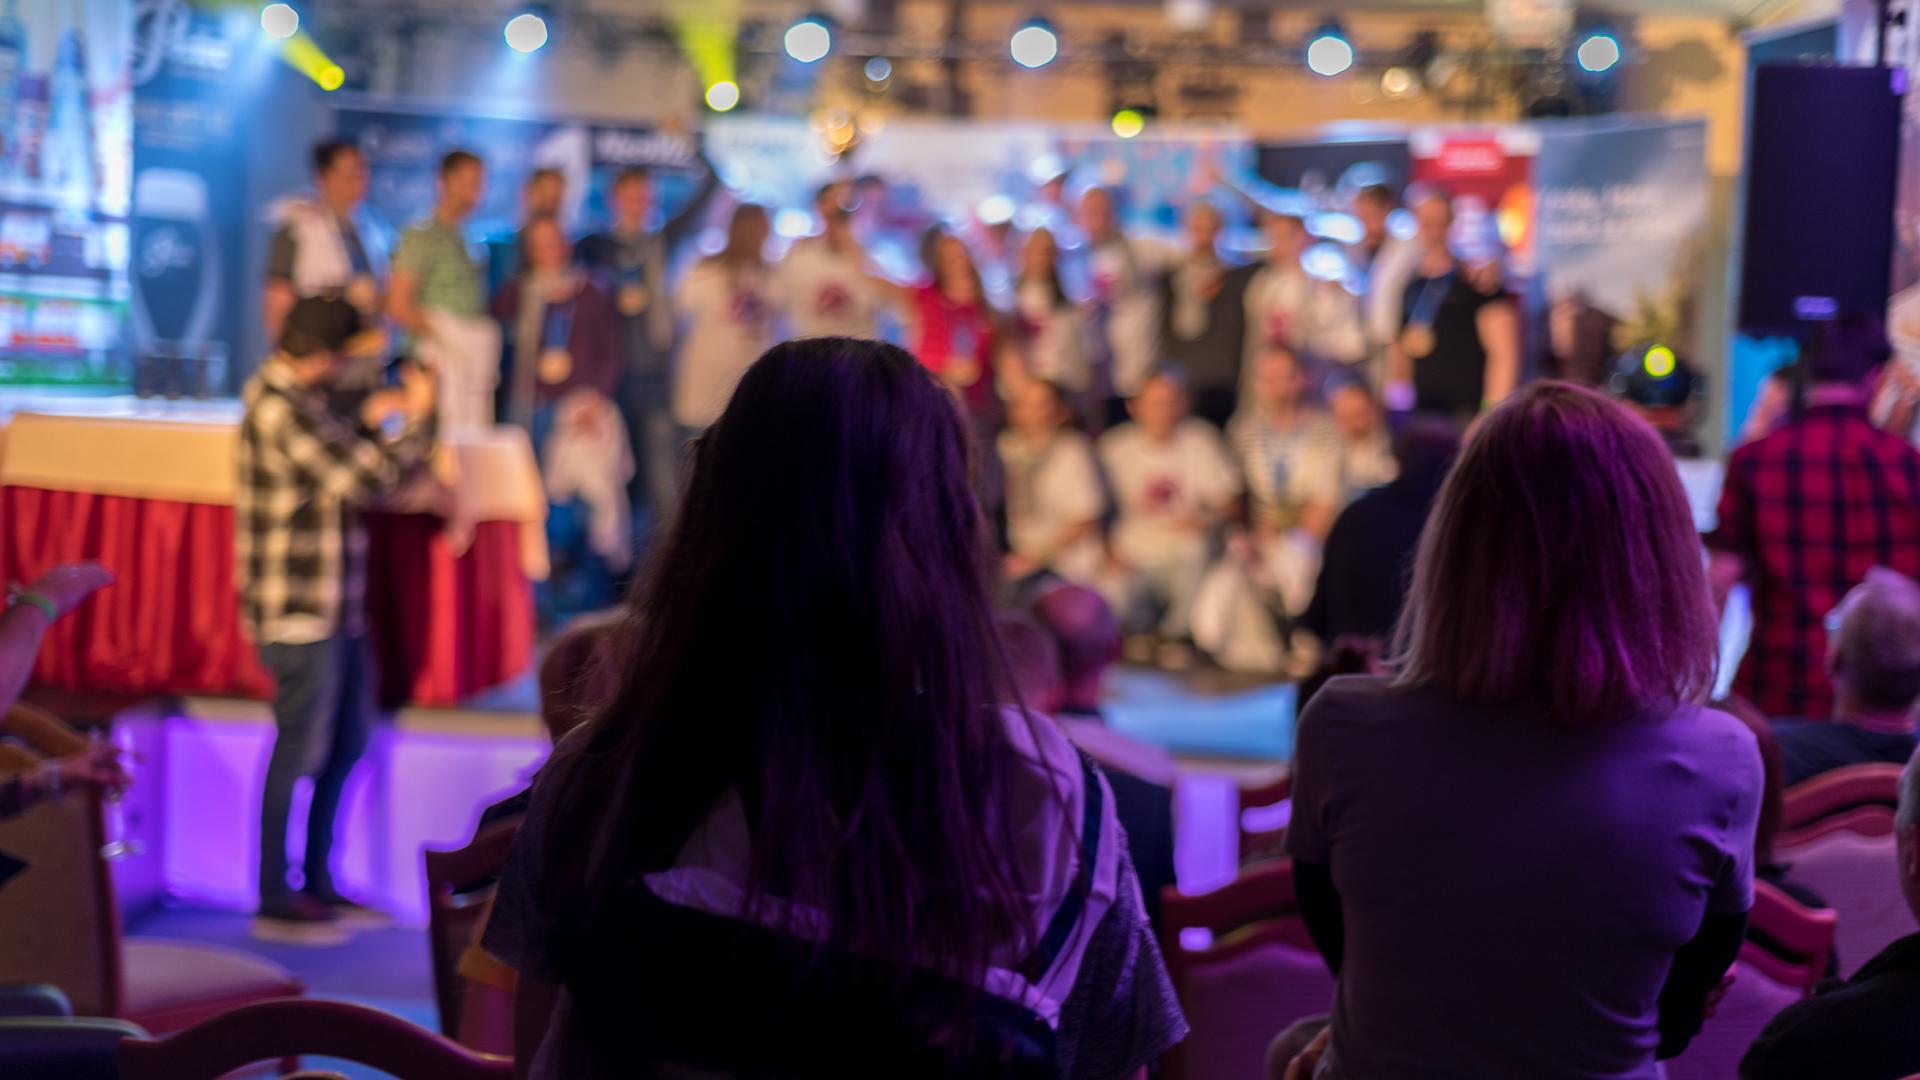 Eventový fotograf -  - eventovy fotograf